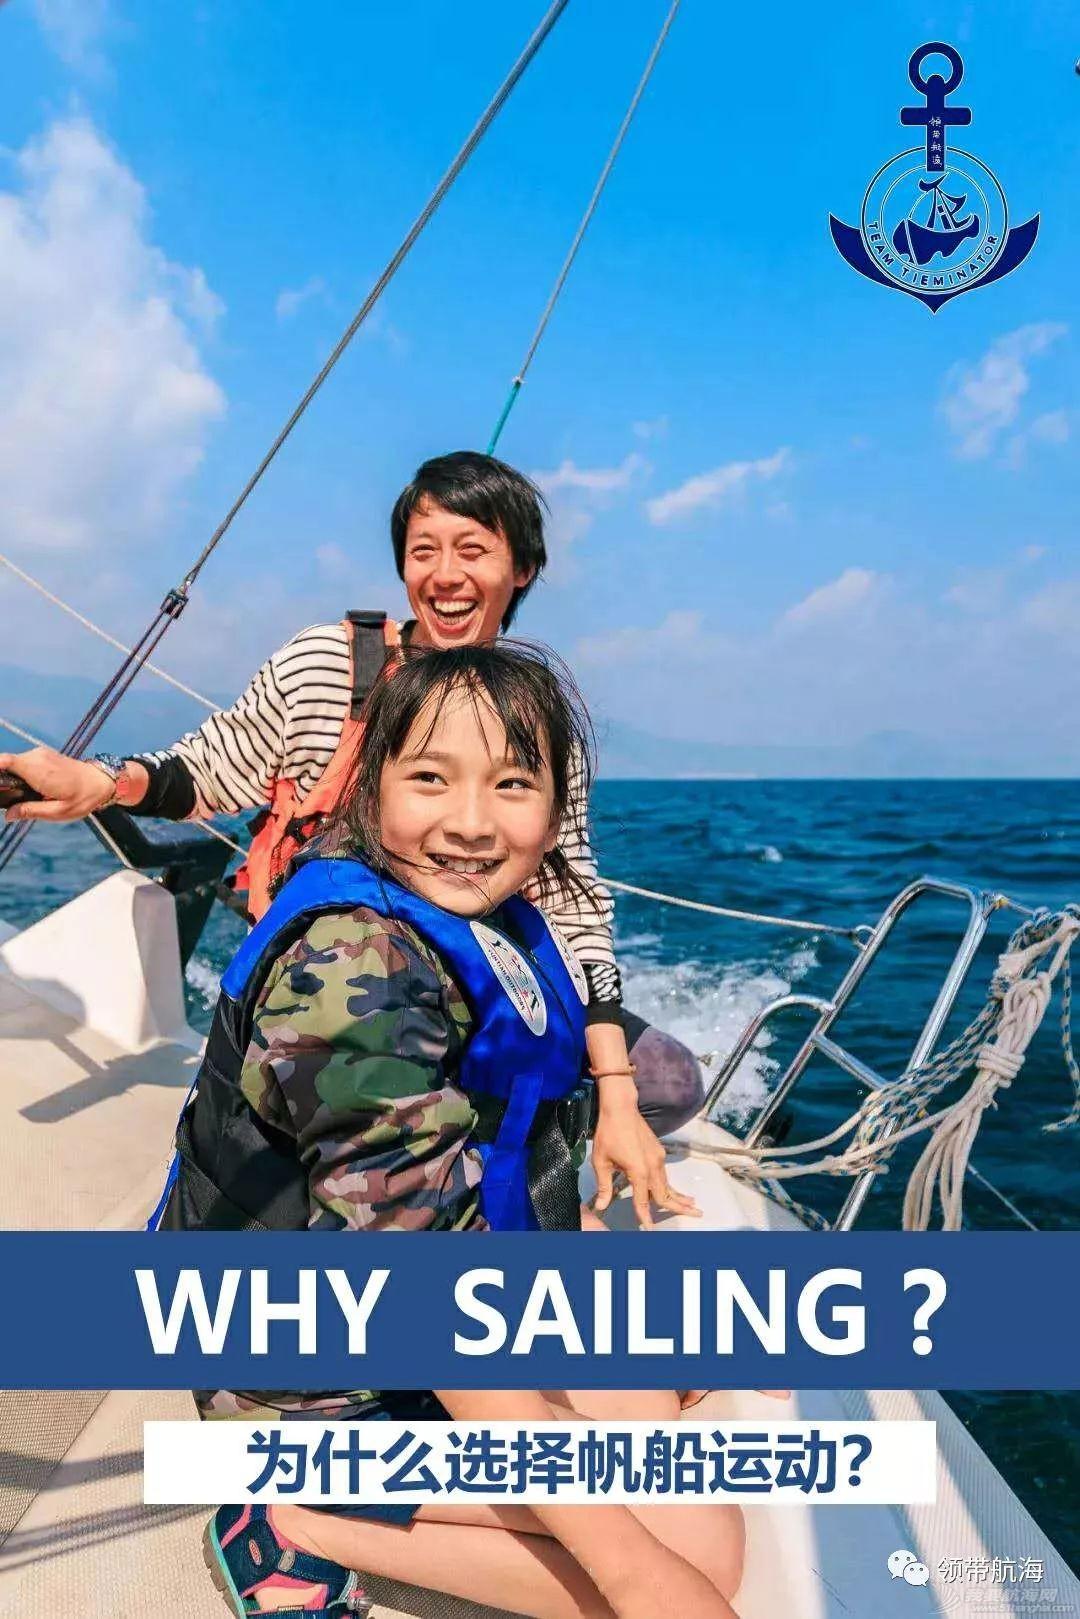 中英教育差距:是什么让奥运帆船赛中的英国孩子总能拿第一?w13.jpg